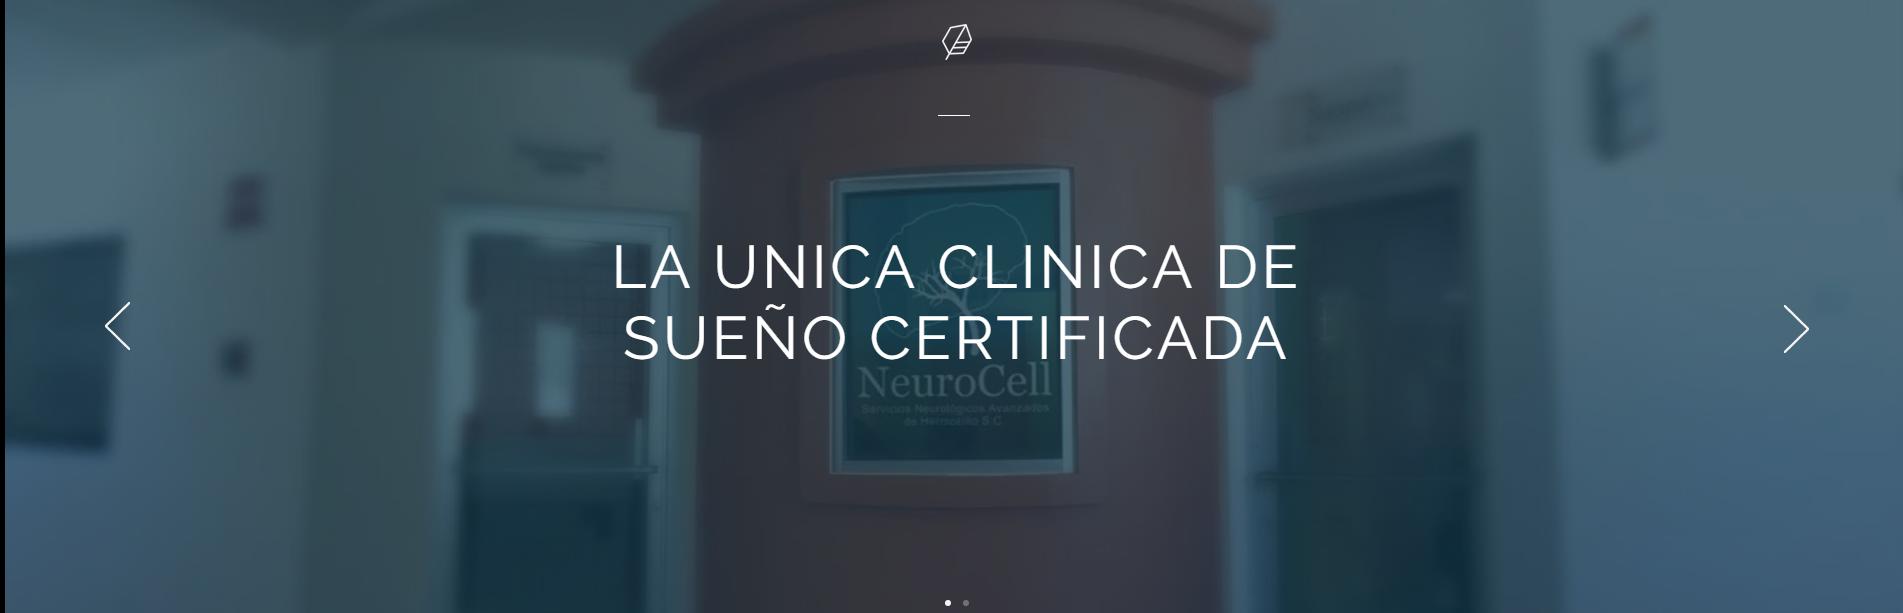 Clinica_de_Sueño